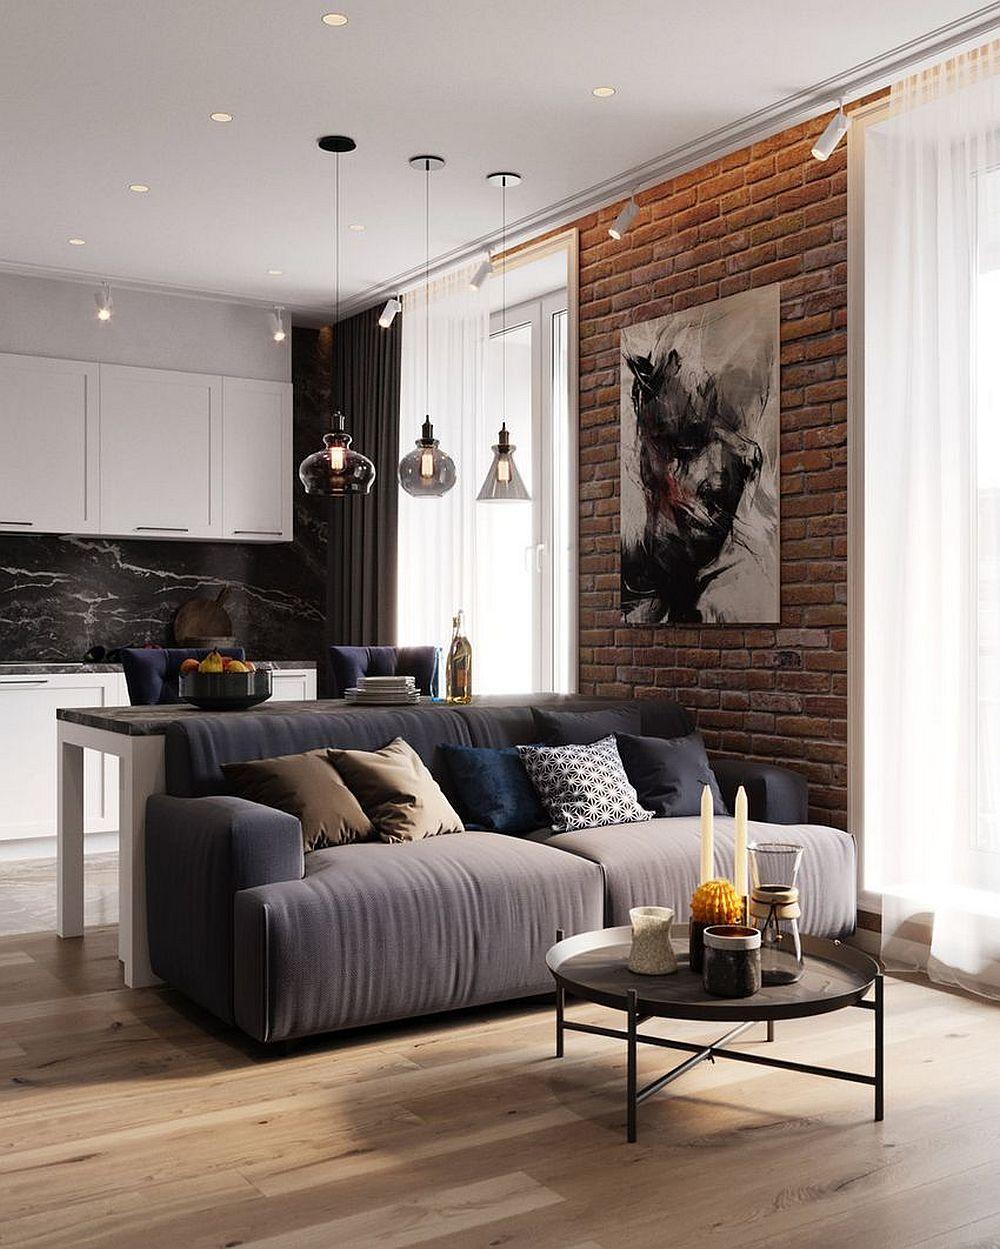 Între cele două ferestre ale zonei de zi peretele a fost personalizat cu cărămidă aparentă, care aduce un plus de textură și culoare în ambient.